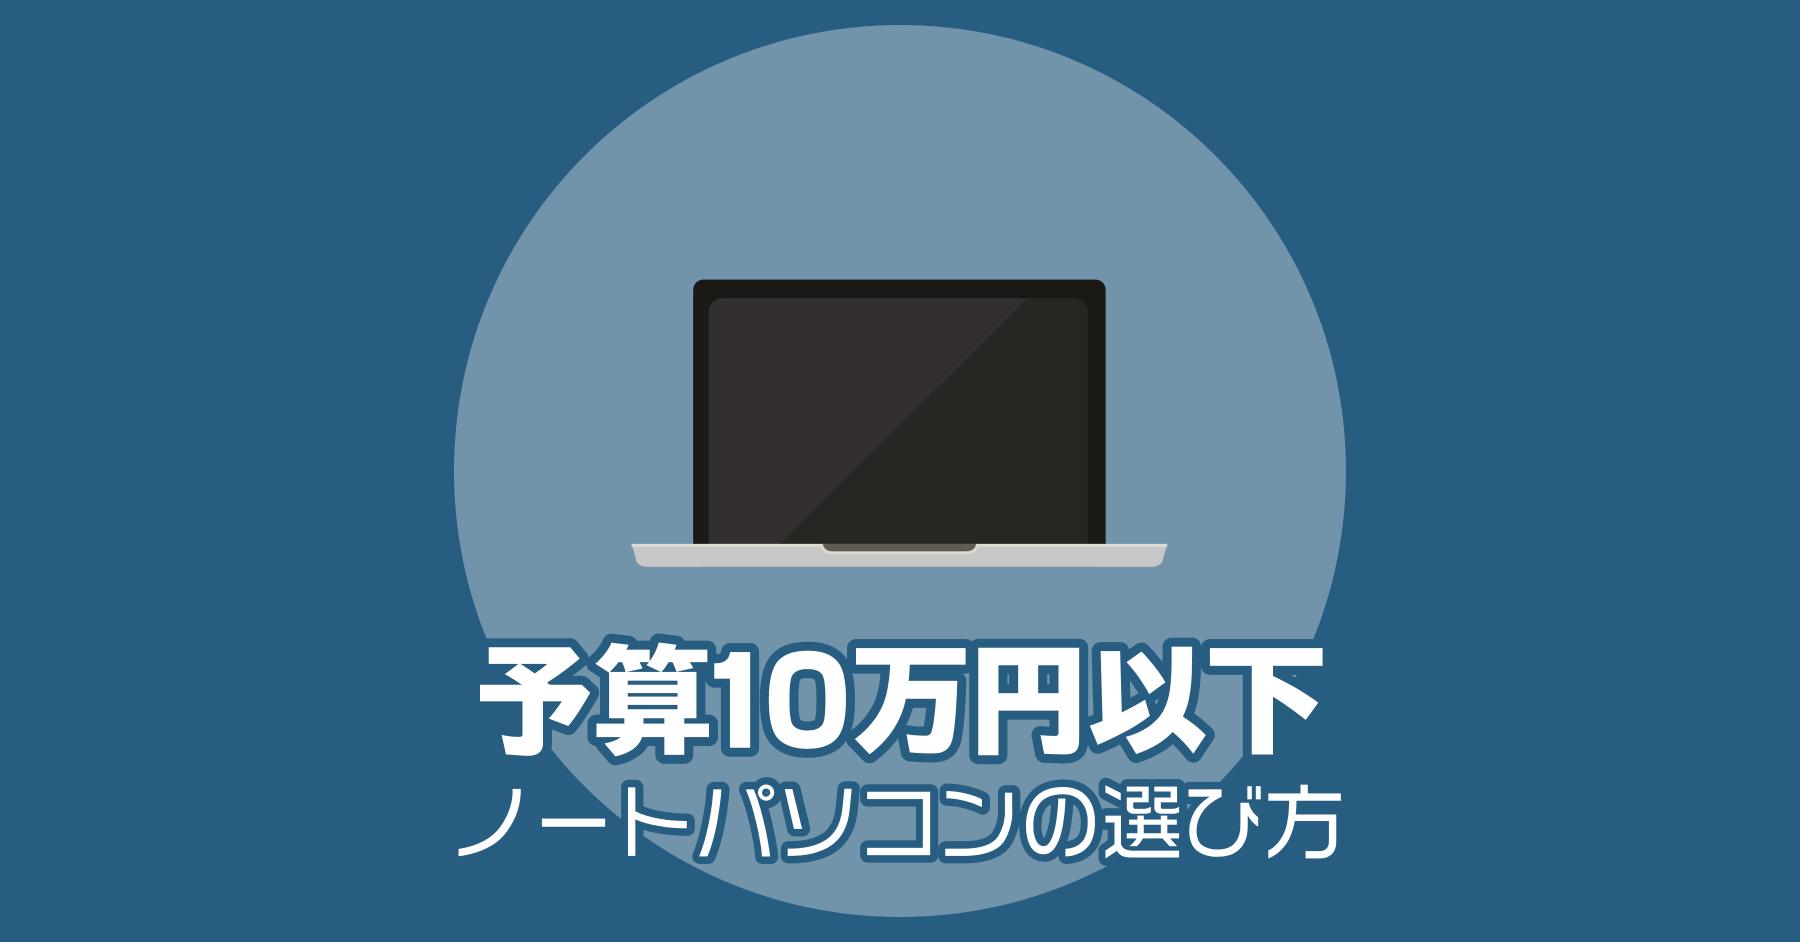 予算10万円以下で買えるノートパソコンの選び方